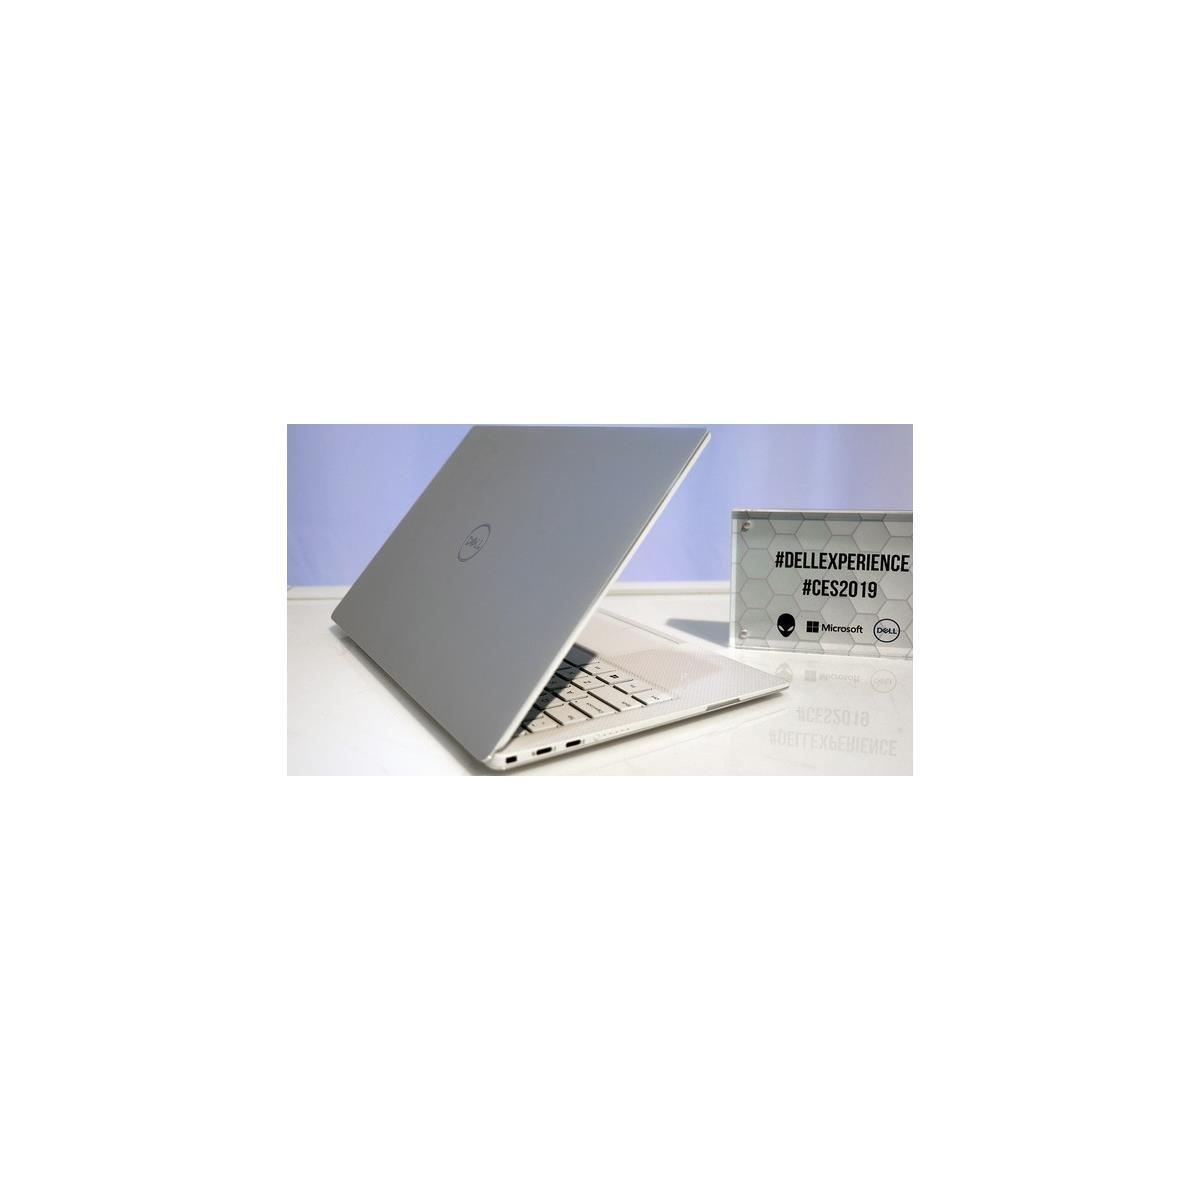 Dell Xps Orange Light On Motherboard